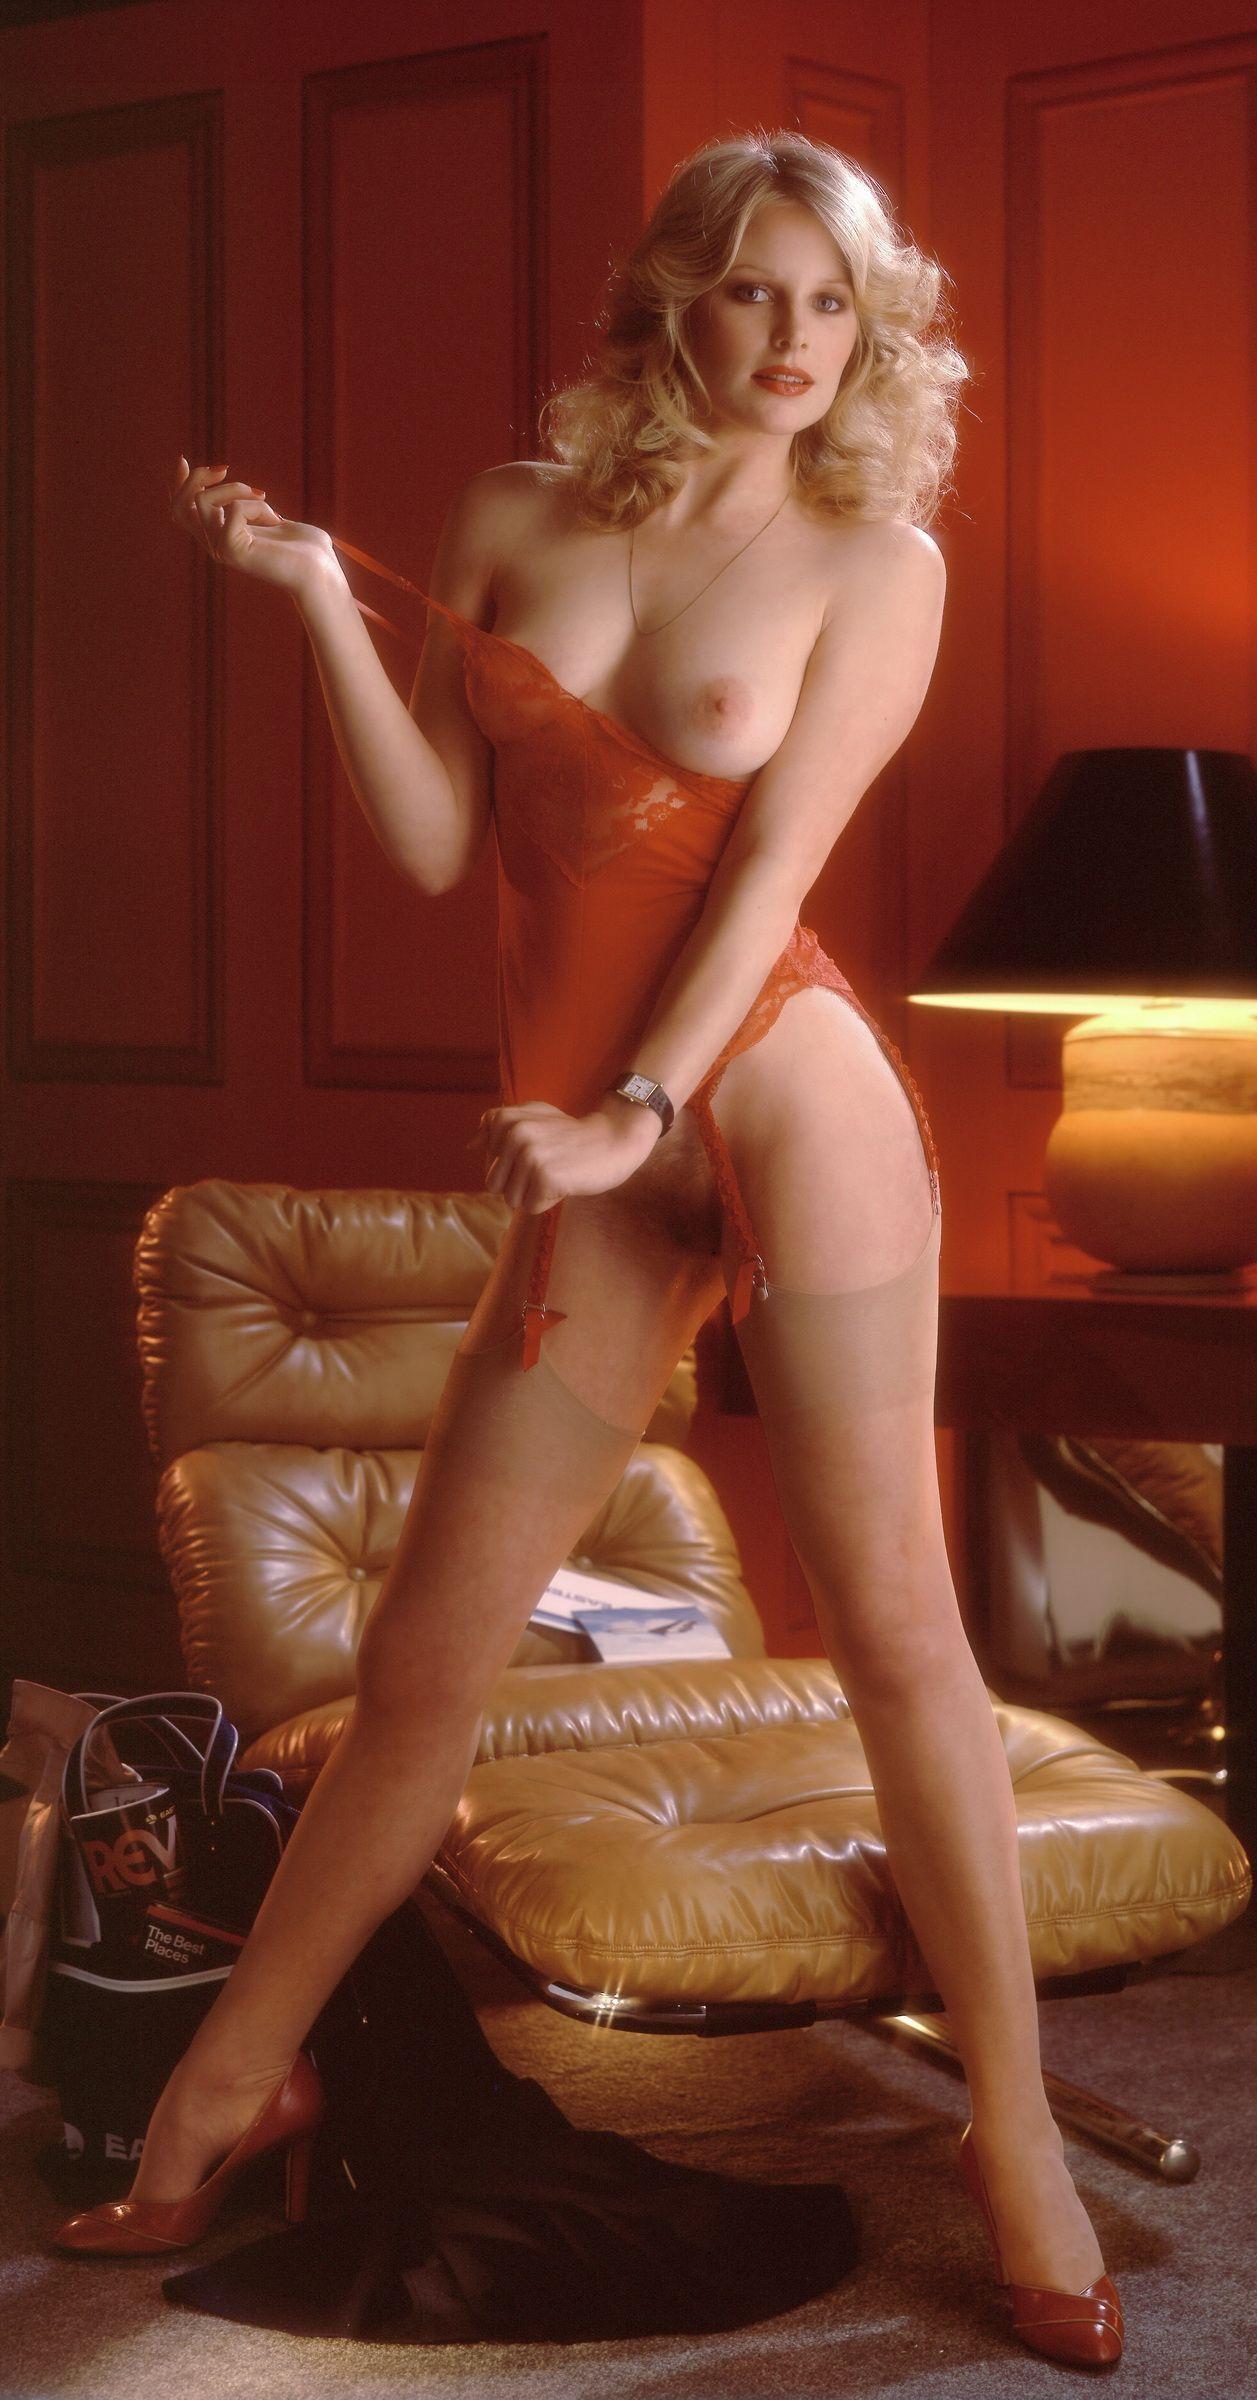 Elizabeth ray nude